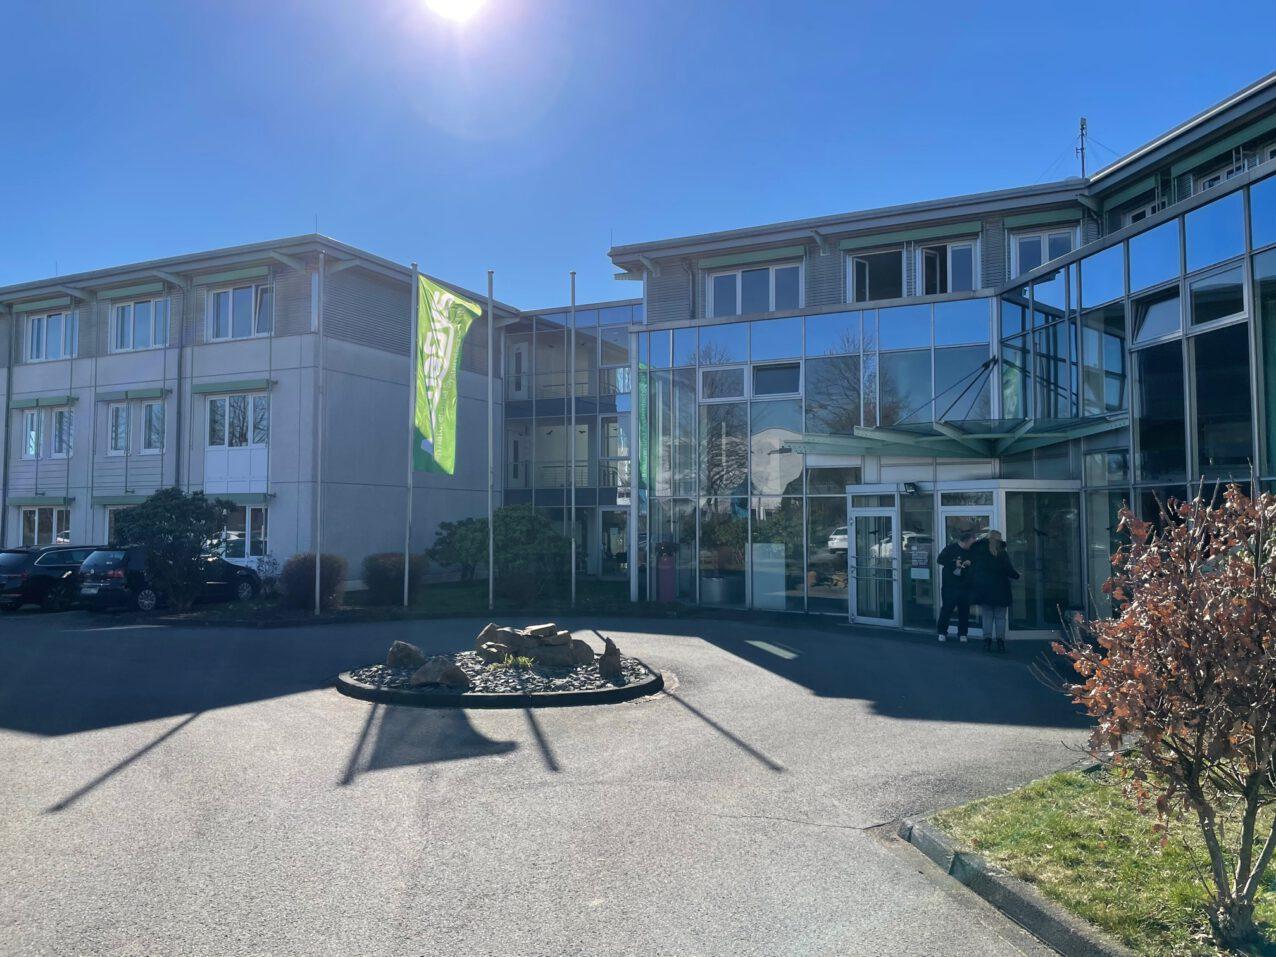 Optima Personaldienstleistungen Standort Gummersbach